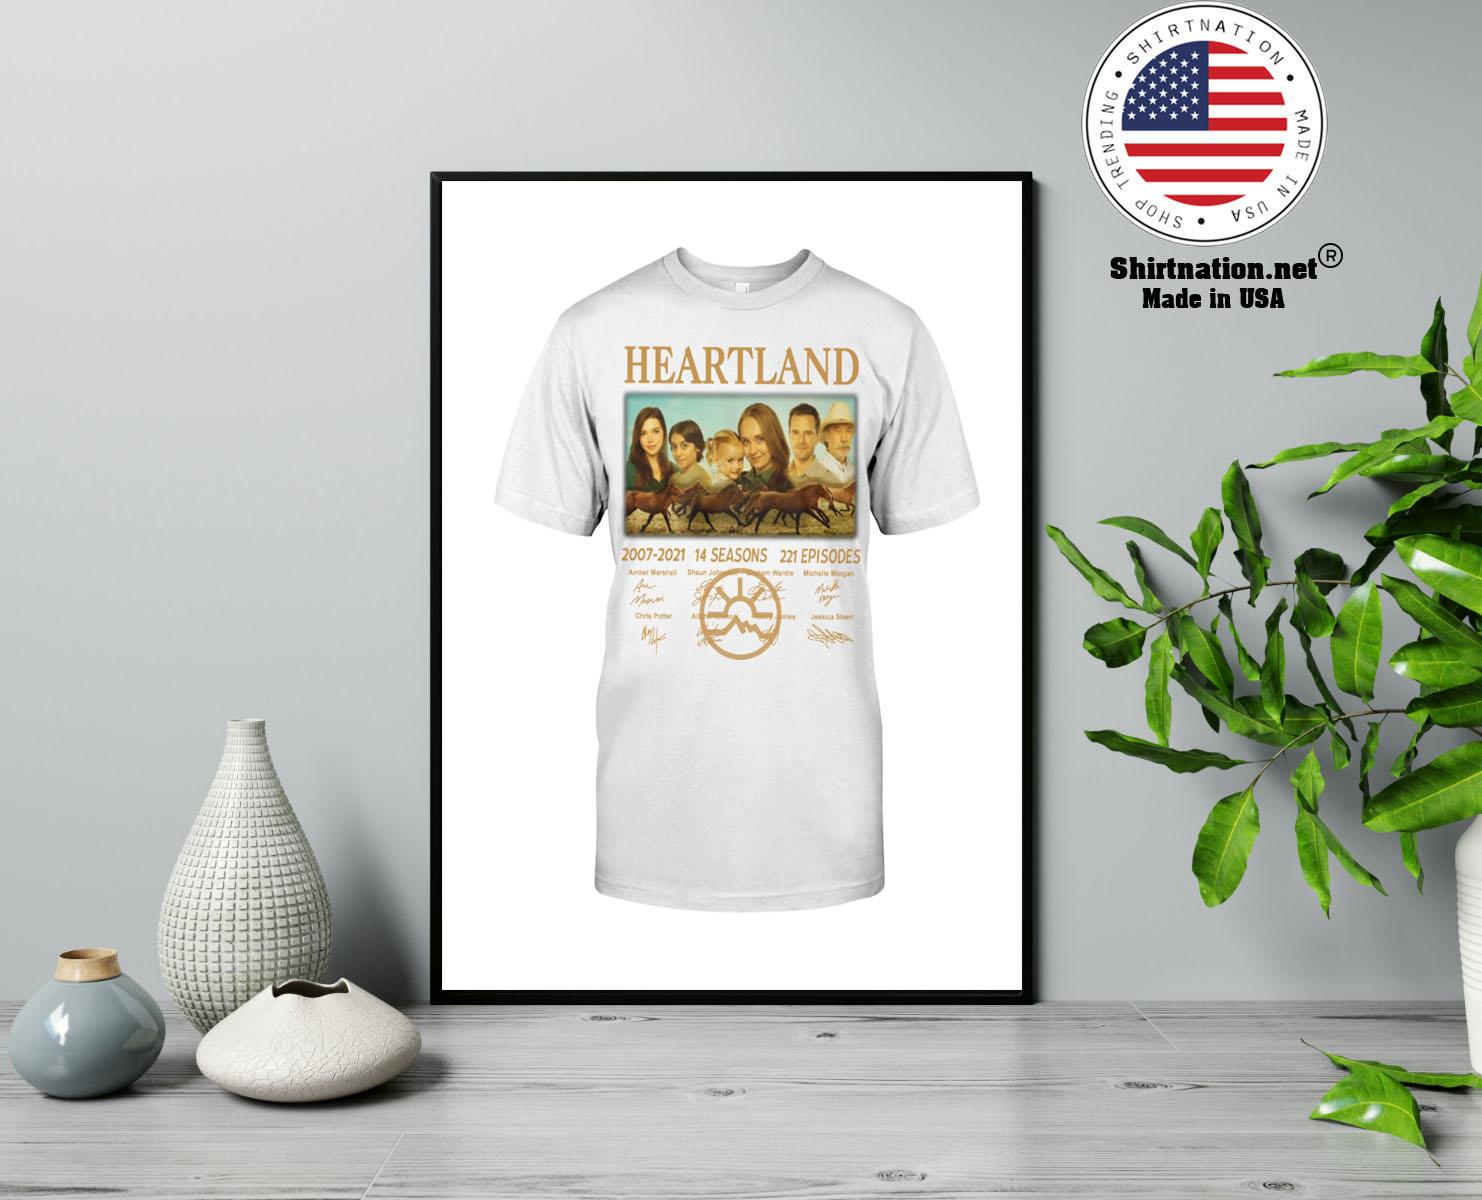 Heartland 2007 2021 14 seasons 221 episodes shirt 13